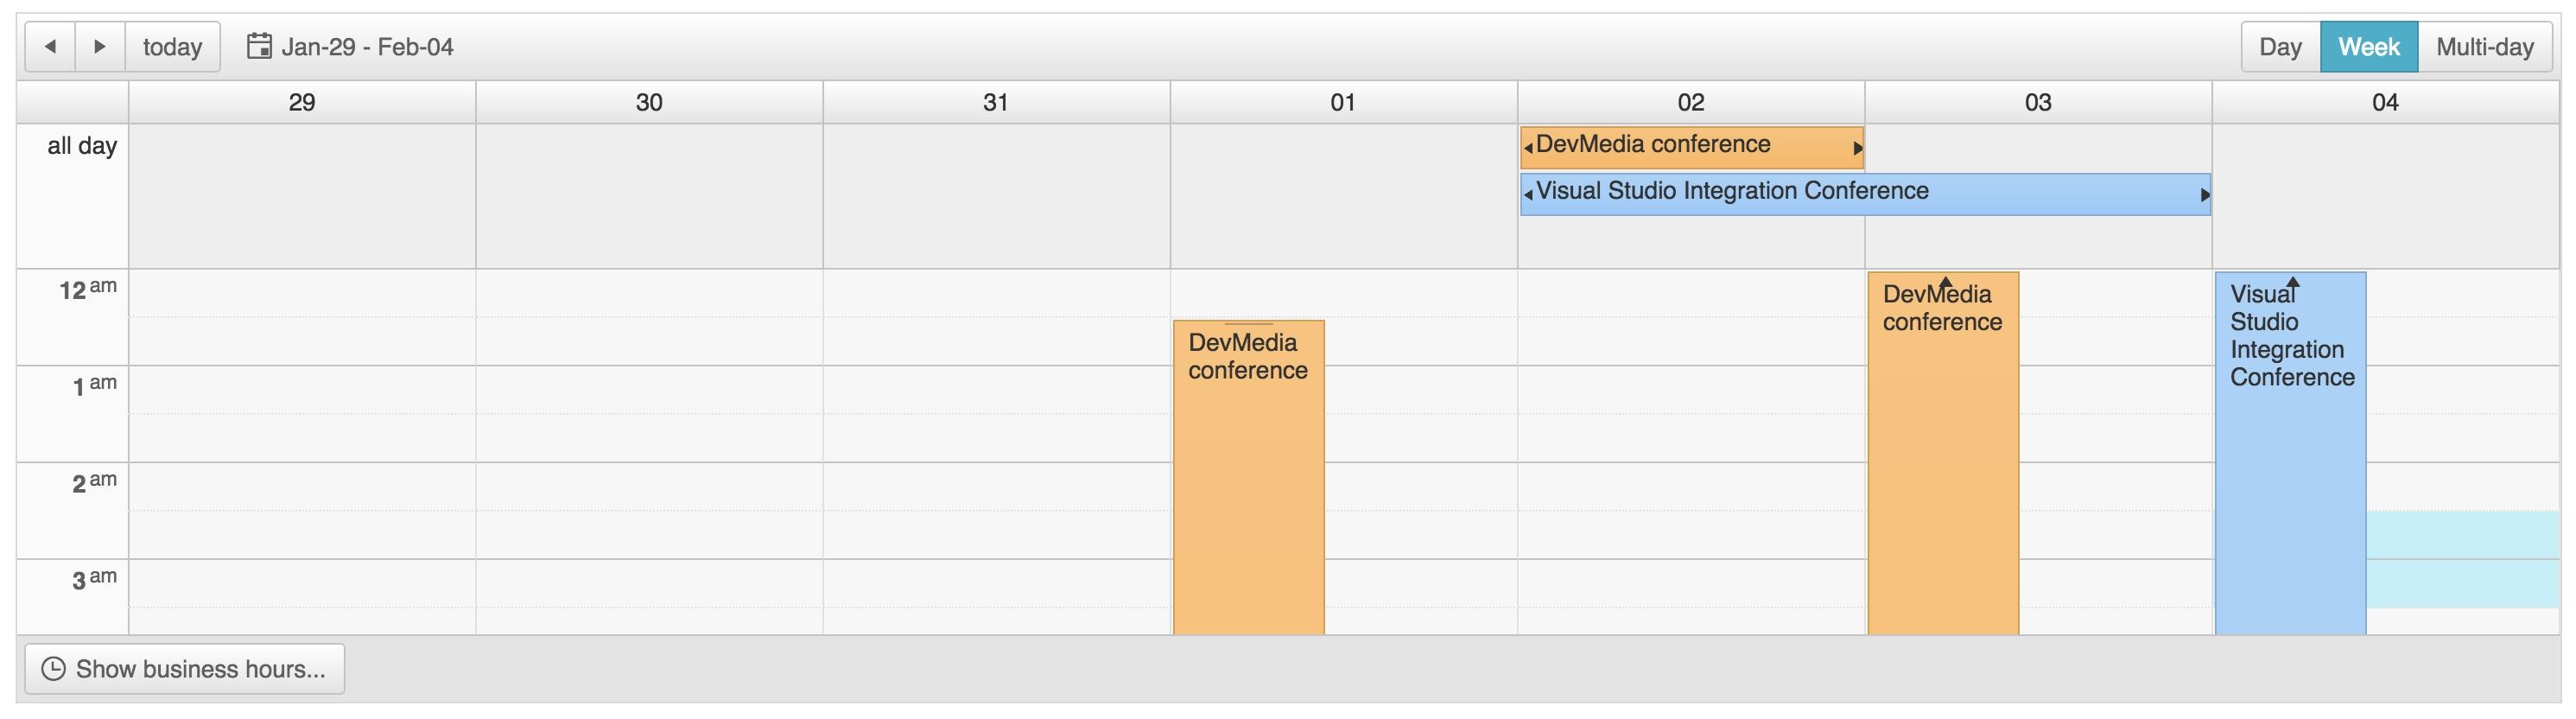 Scheduler Week View Multi-Day Events · Issue #10 · Telerik